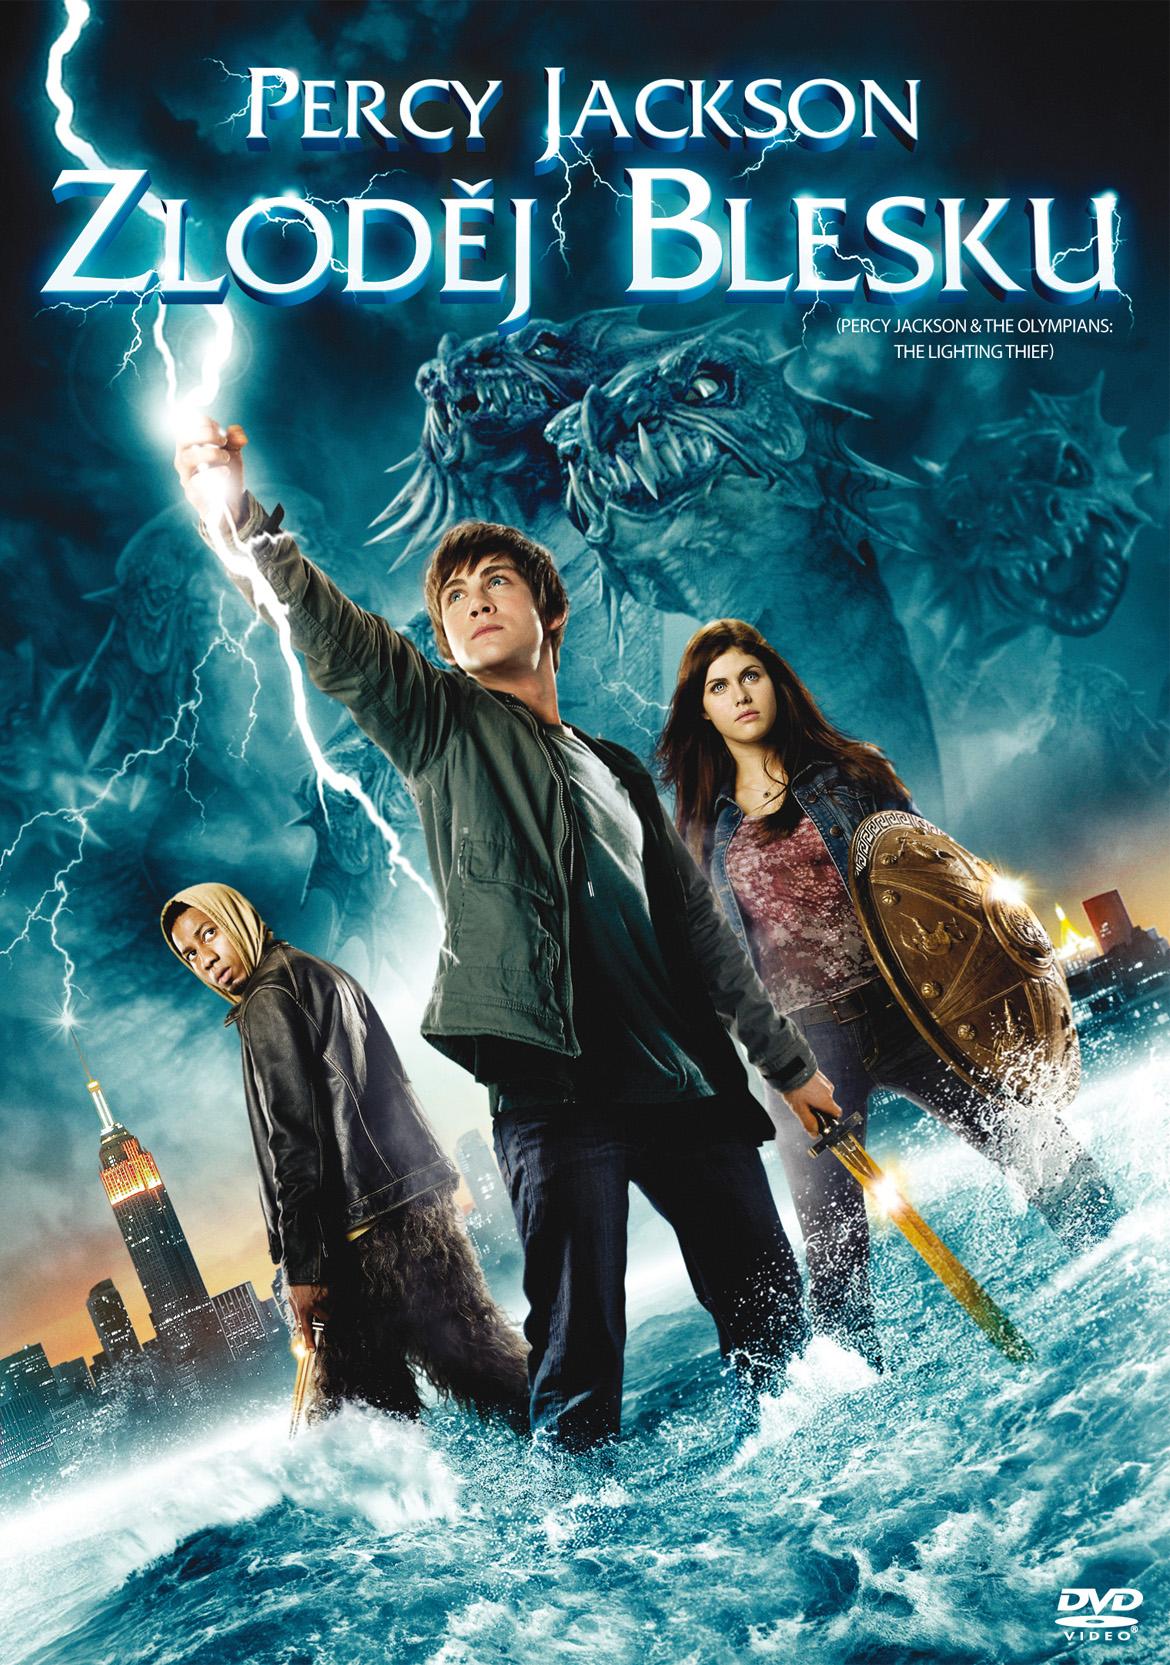 Film Percy Jackson: Zloděj blesku online zdarma